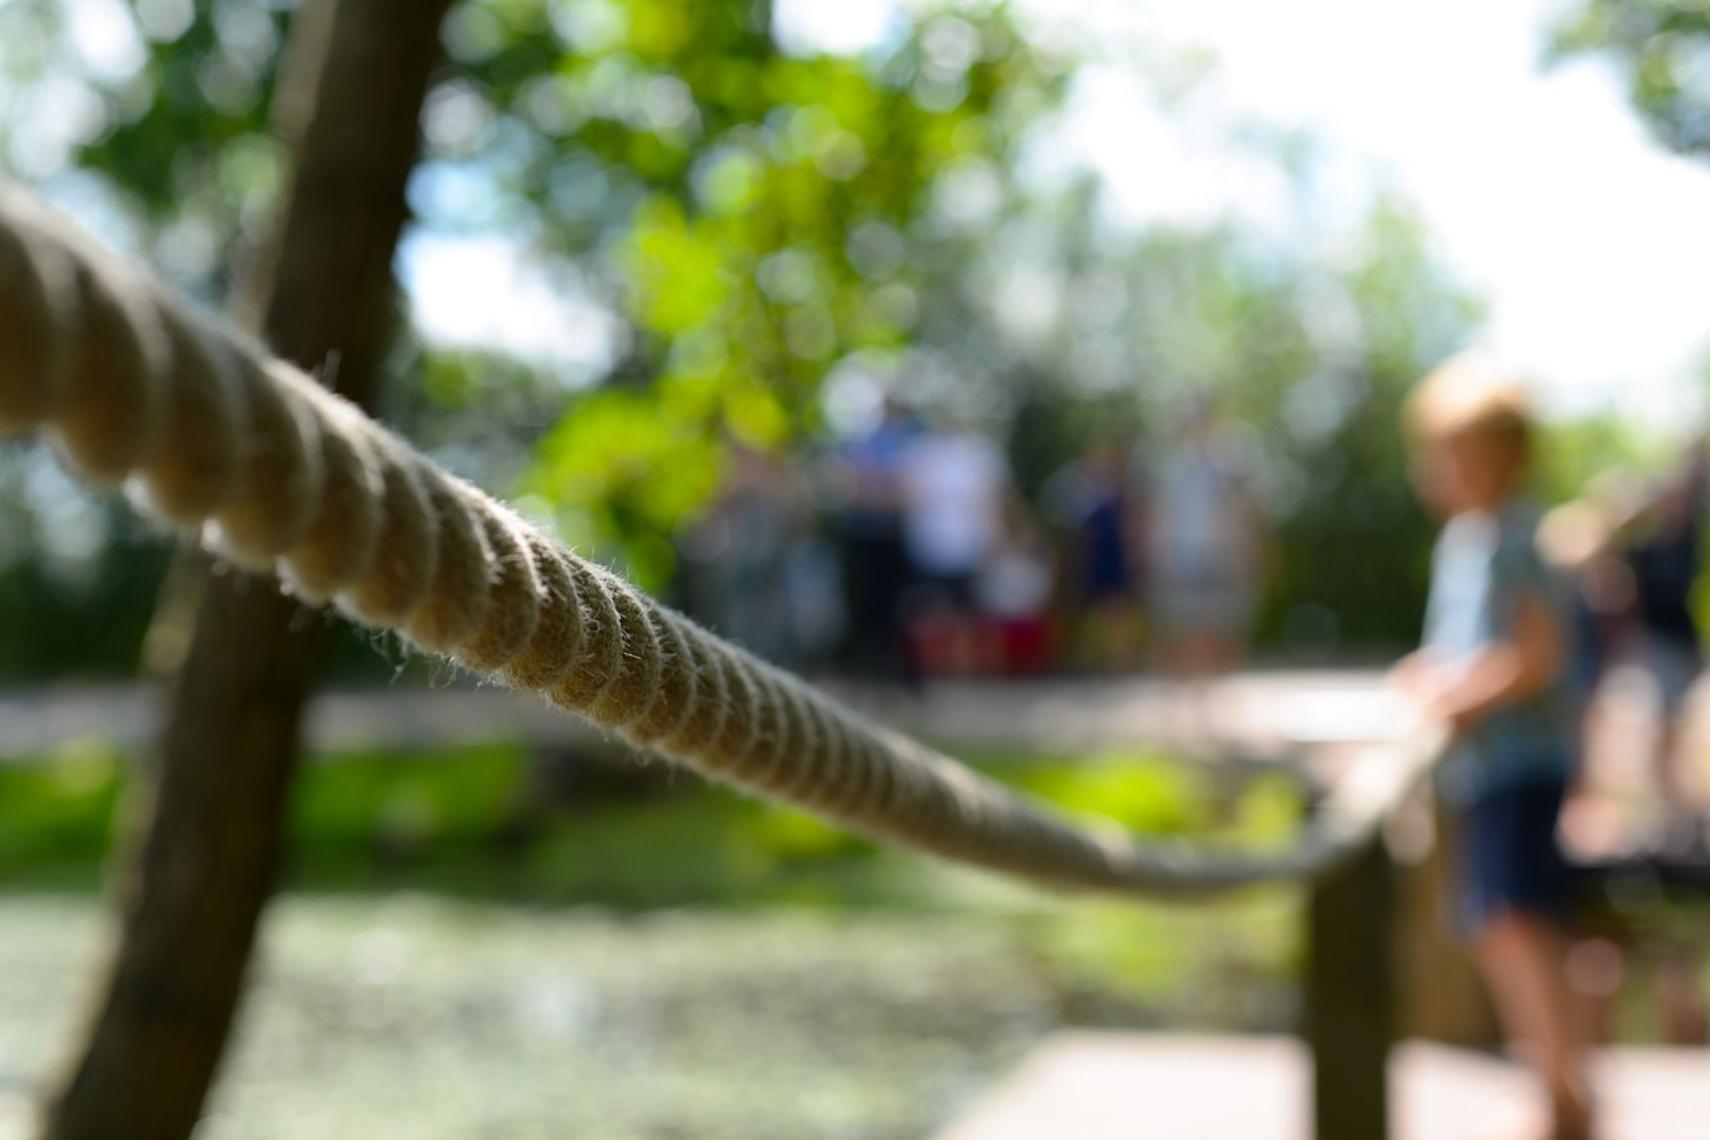 Una corda che rappresenta un appiglio per chi sente la crisi della prorpia impresa